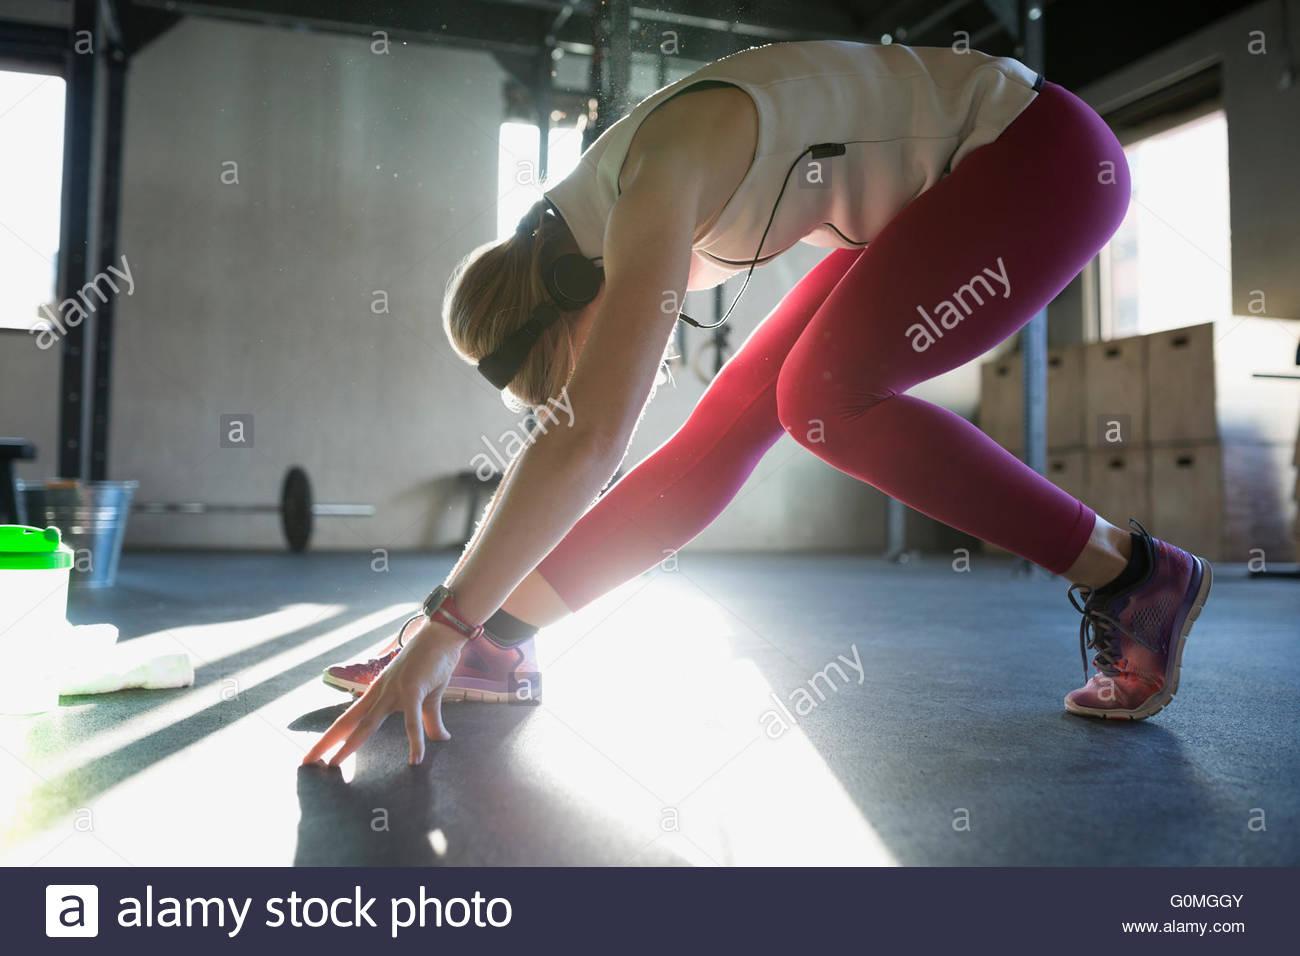 Mujer estiramiento en pirámide pose, al gimnasio Imagen De Stock